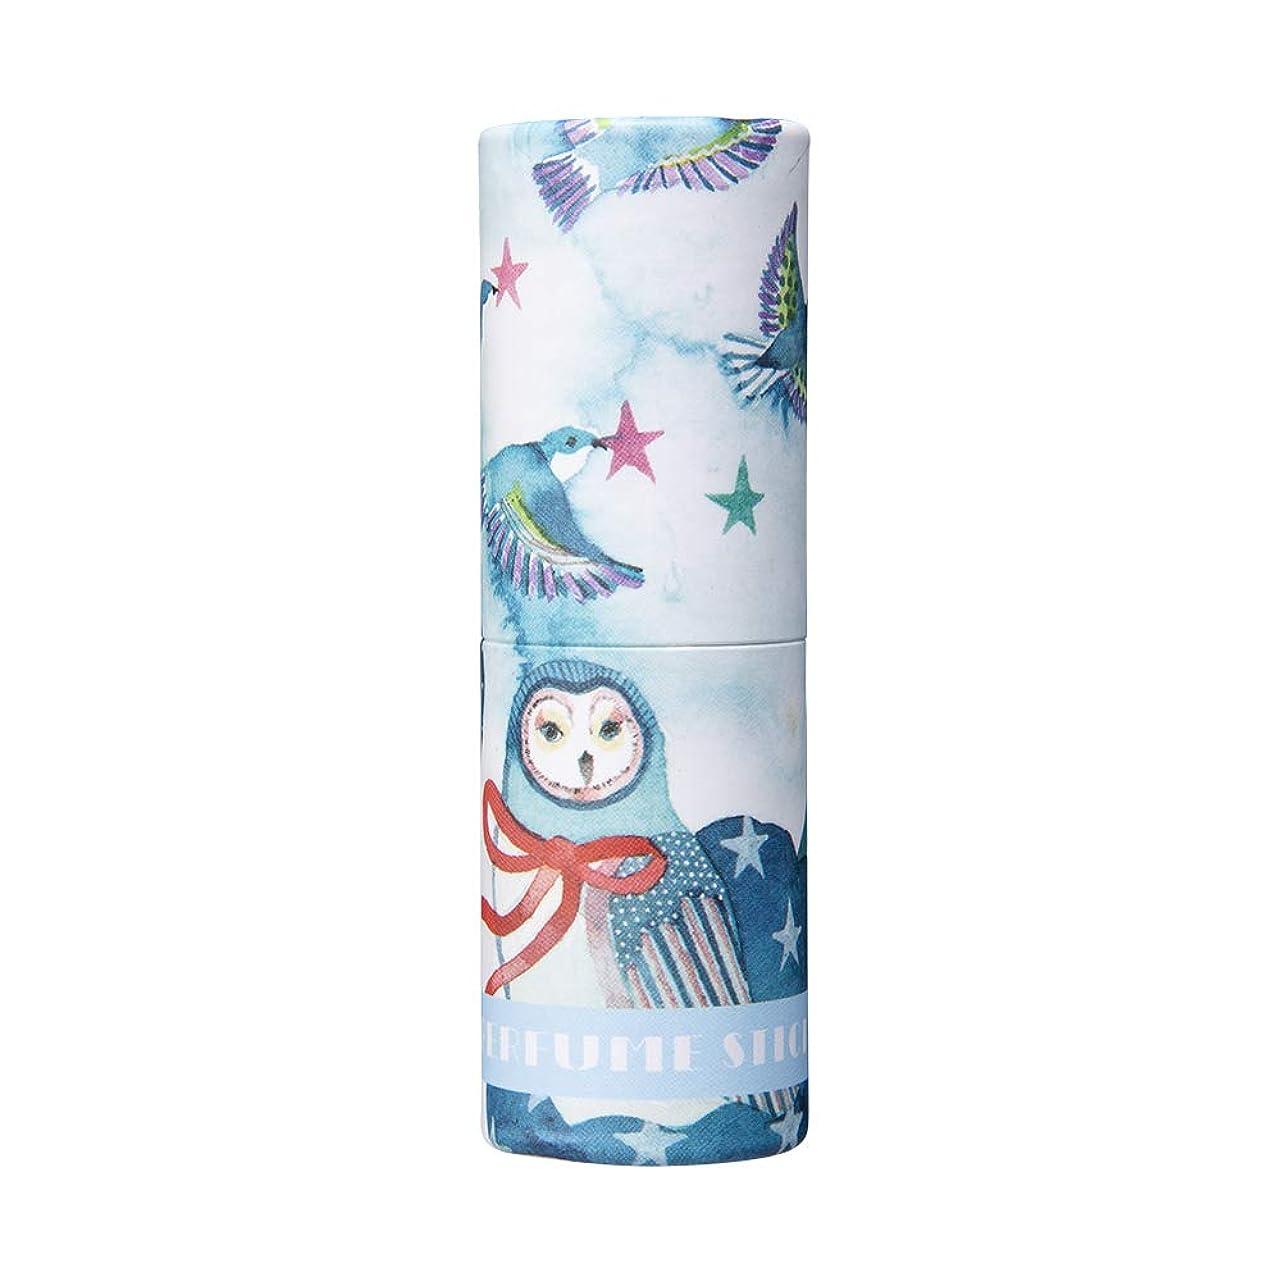 地元一次行パフュームスティック ウィッシュ ホワイトフラワー&シャボンの香り CatoFriendデザイン 5g